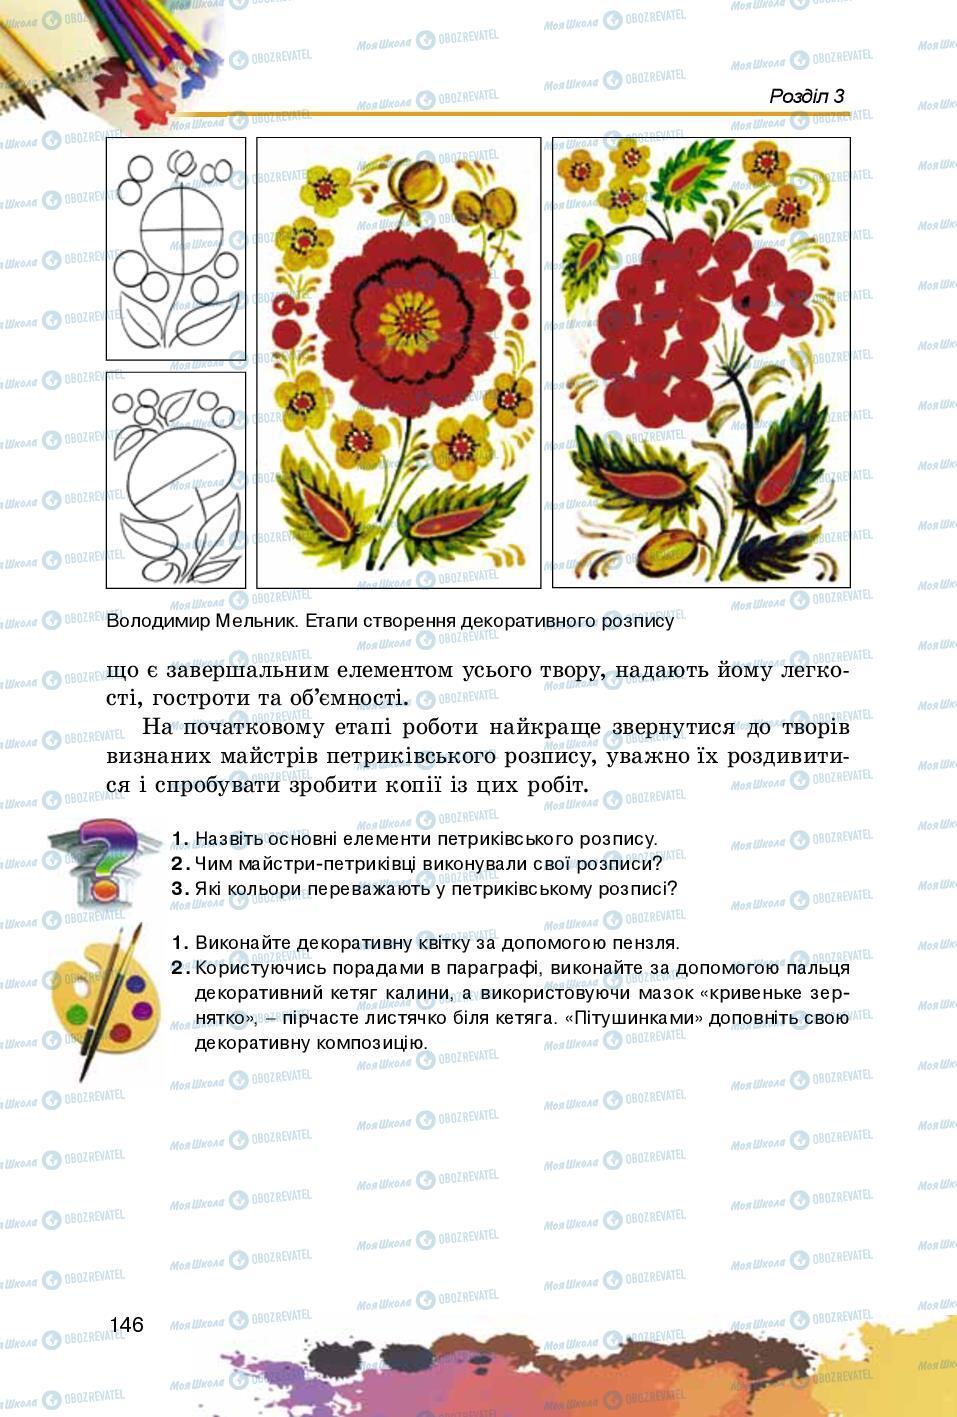 Підручники Образотворче мистецтво 5 клас сторінка 146